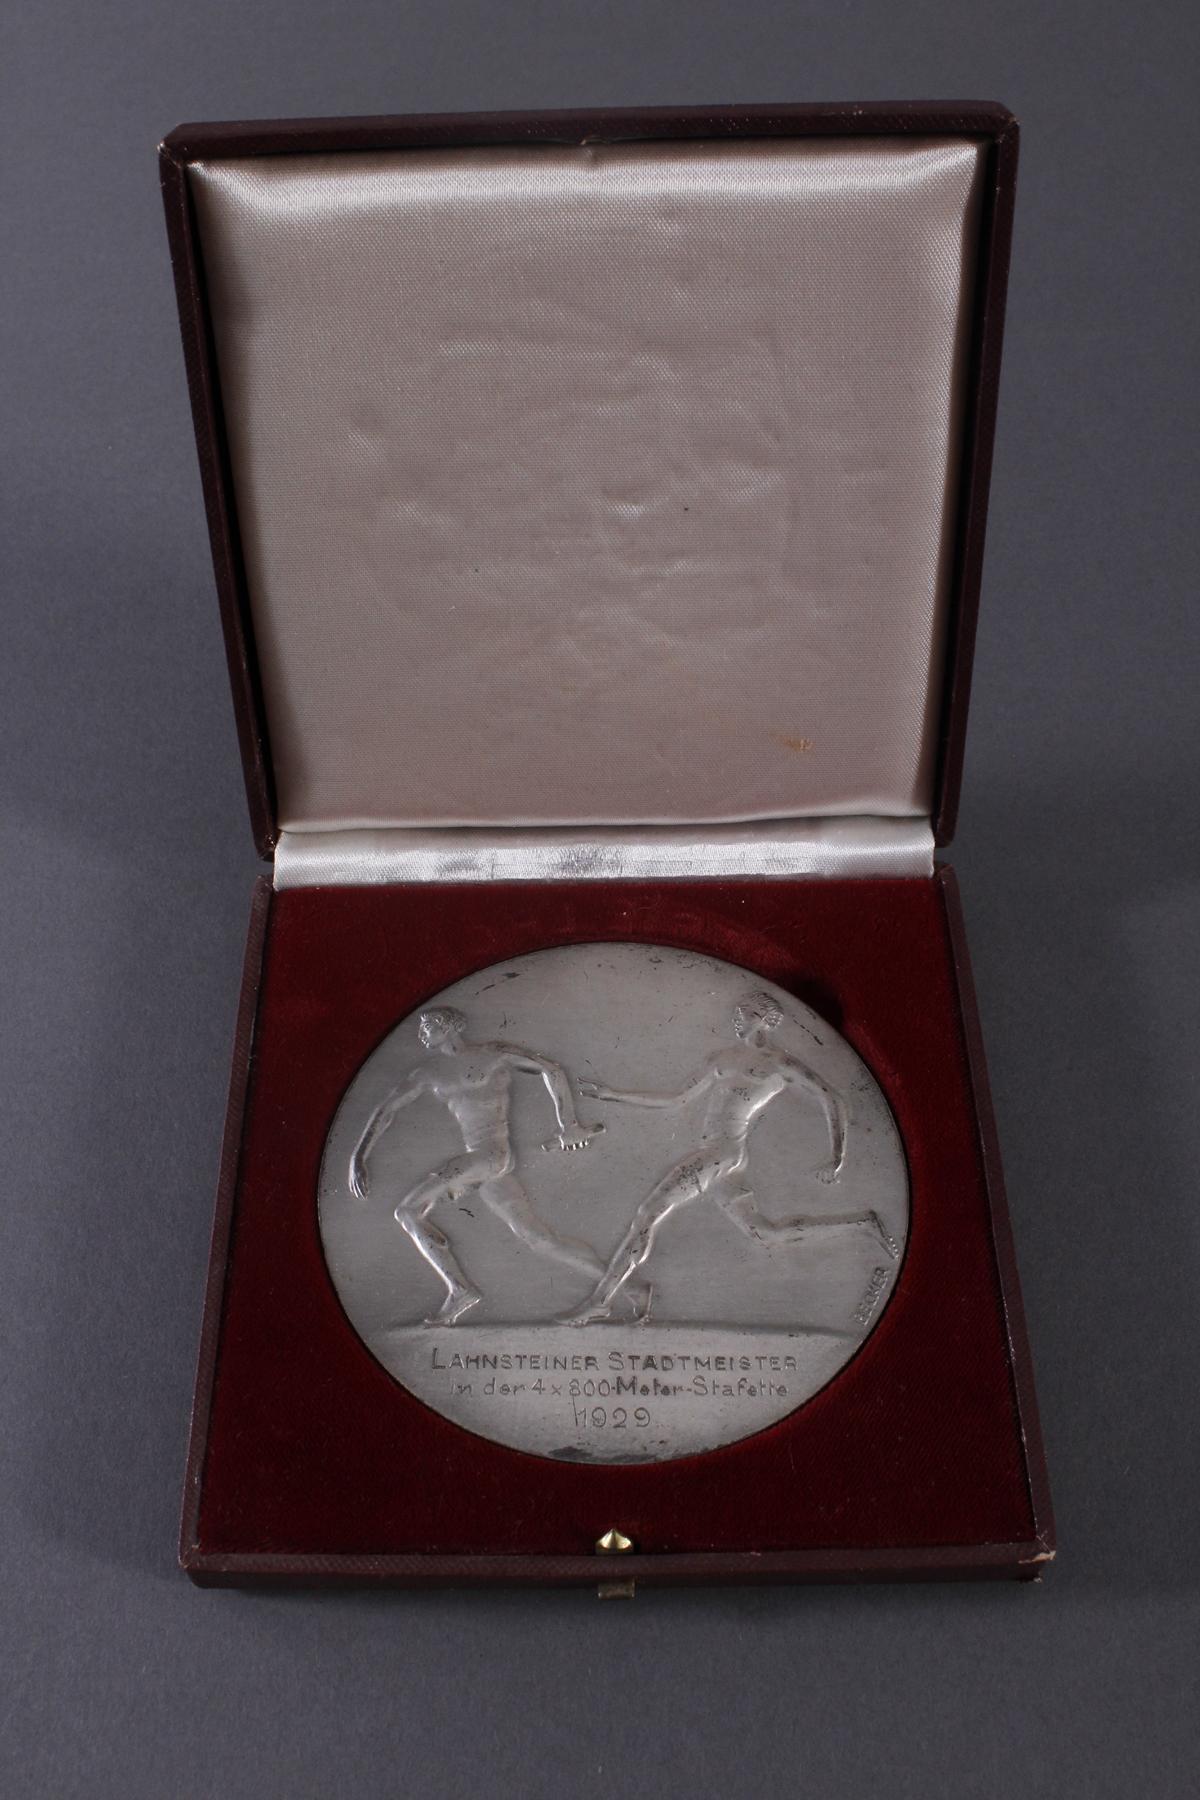 Medaille Thema Sport, Medailleur Becker 20er Jahre-2